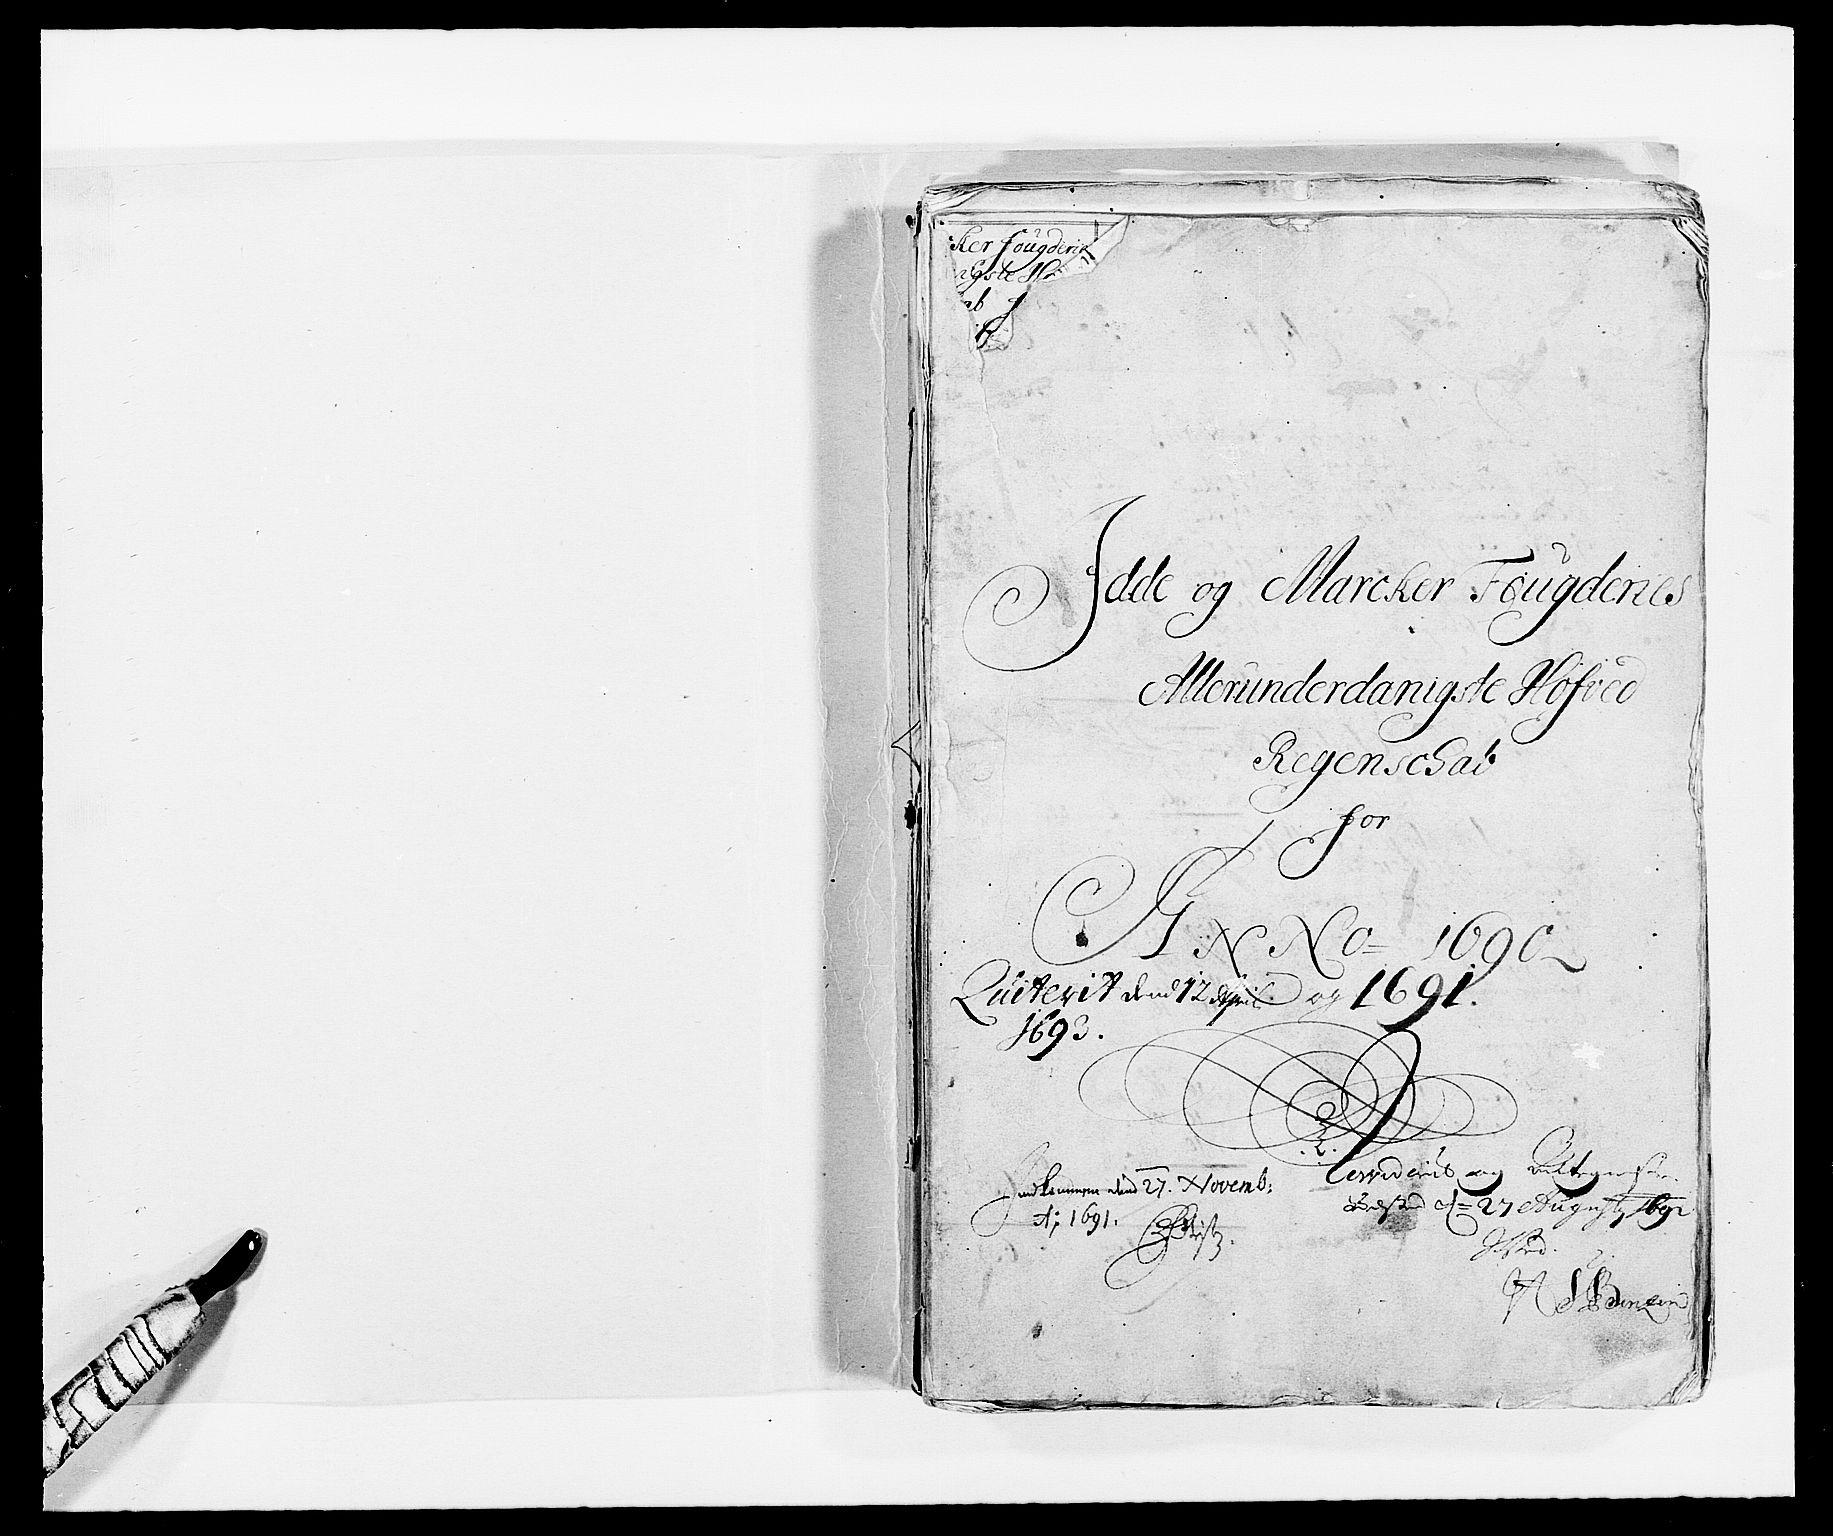 RA, Rentekammeret inntil 1814, Reviderte regnskaper, Fogderegnskap, R01/L0010: Fogderegnskap Idd og Marker, 1690-1691, s. 2